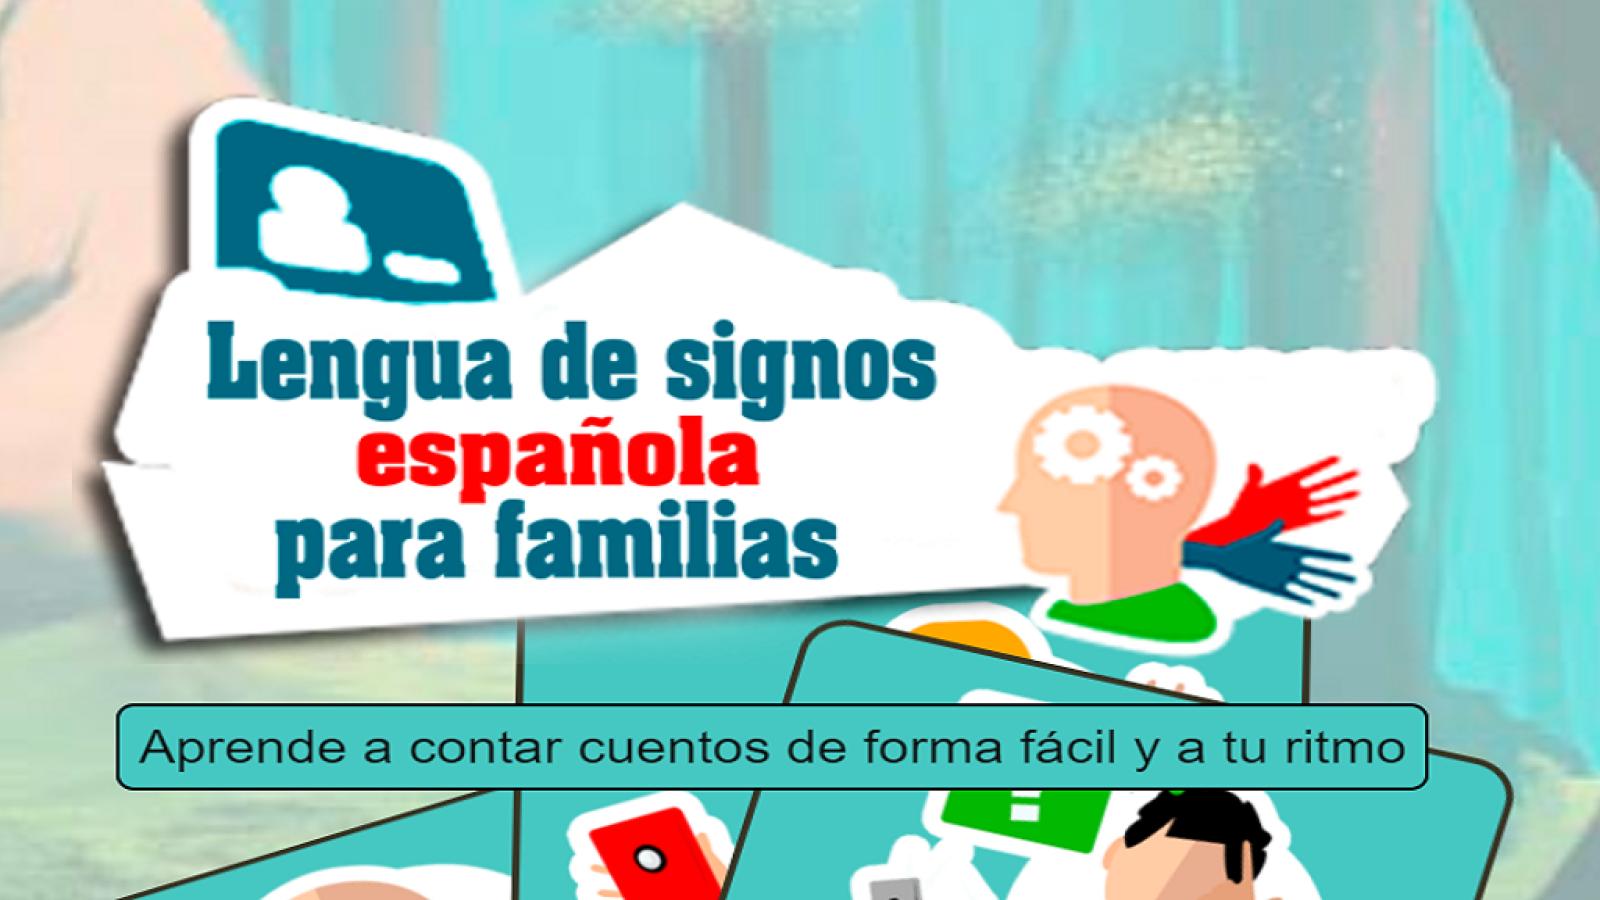 En Lengua de Signos - Aprender a contar cuentos en lengua de signos - ver ahora